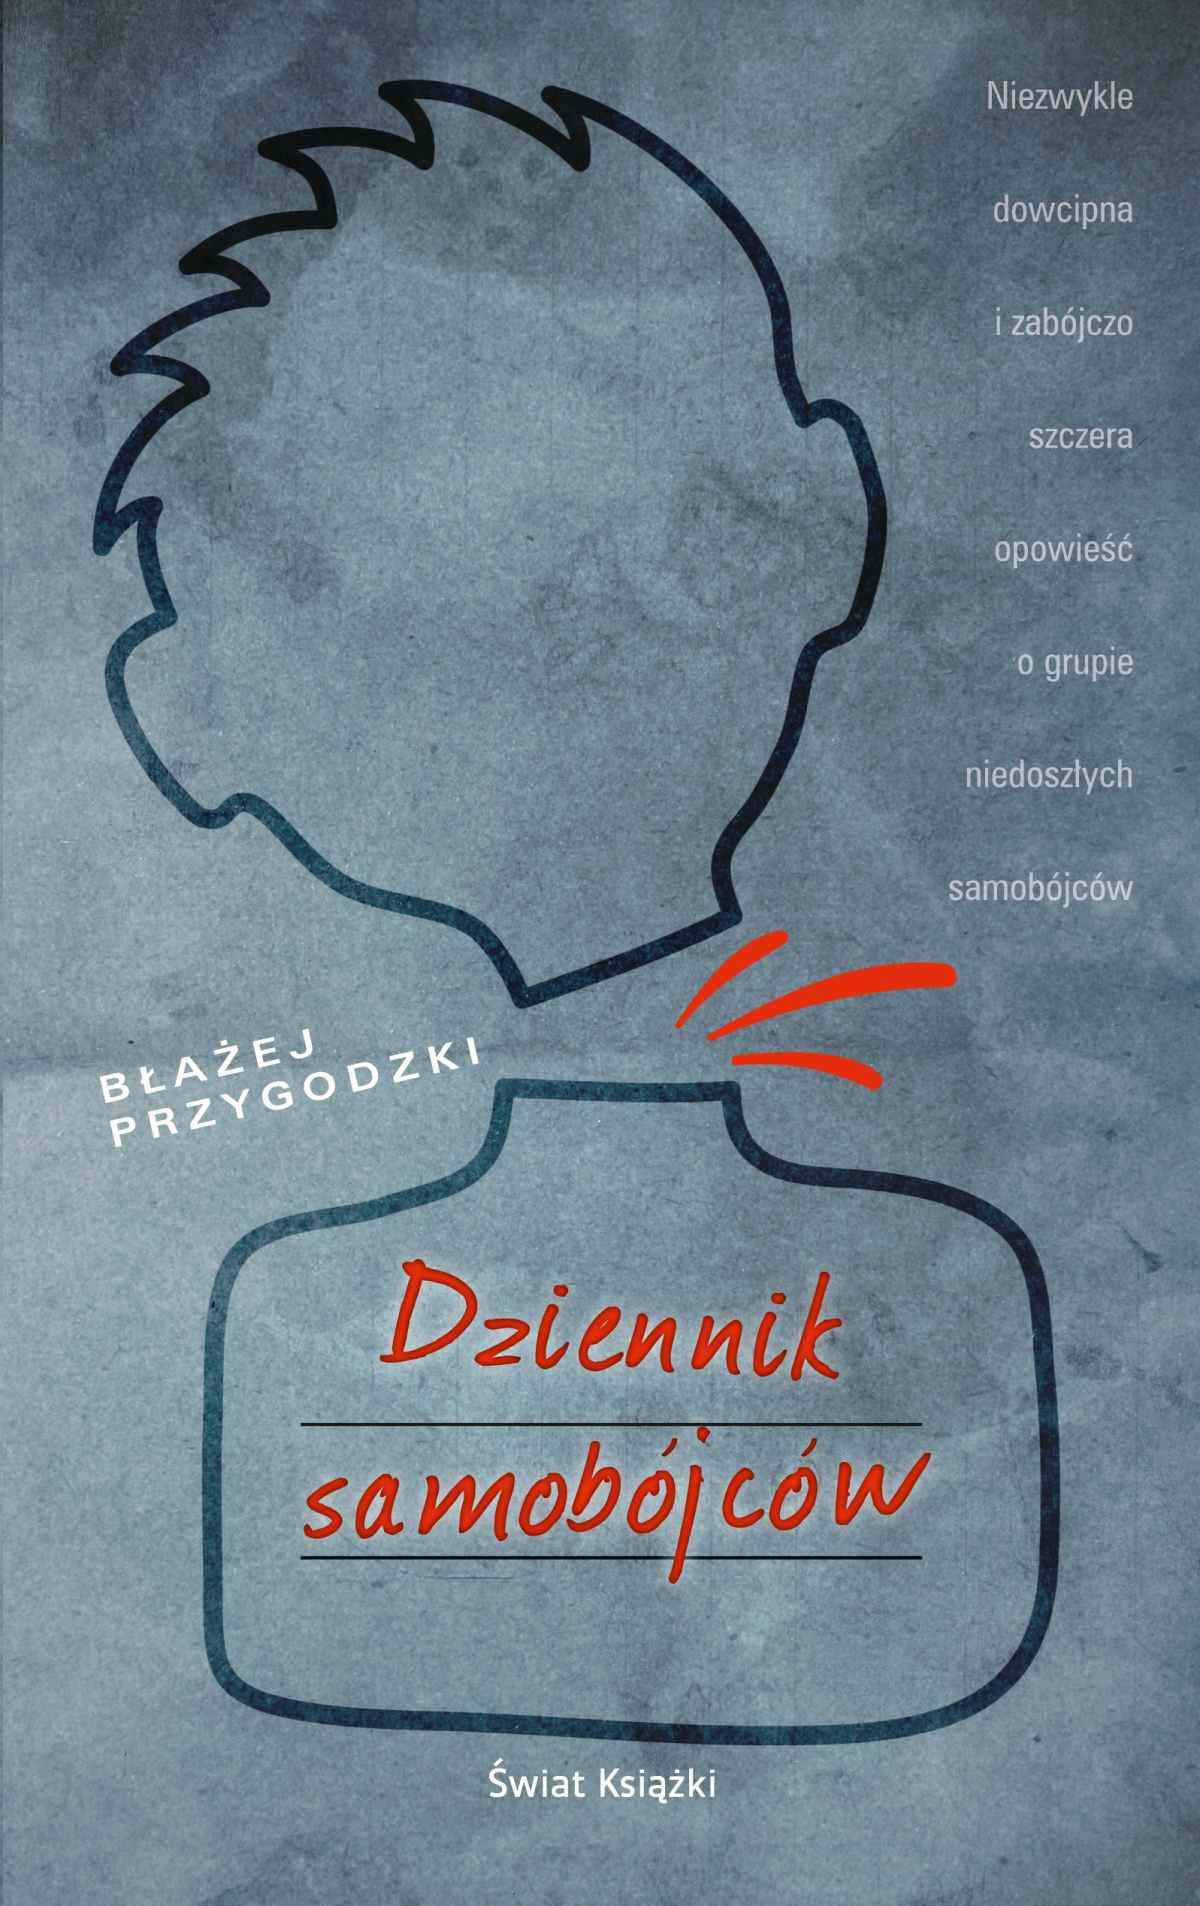 Dziennik samobójców - Ebook (Książka EPUB) do pobrania w formacie EPUB